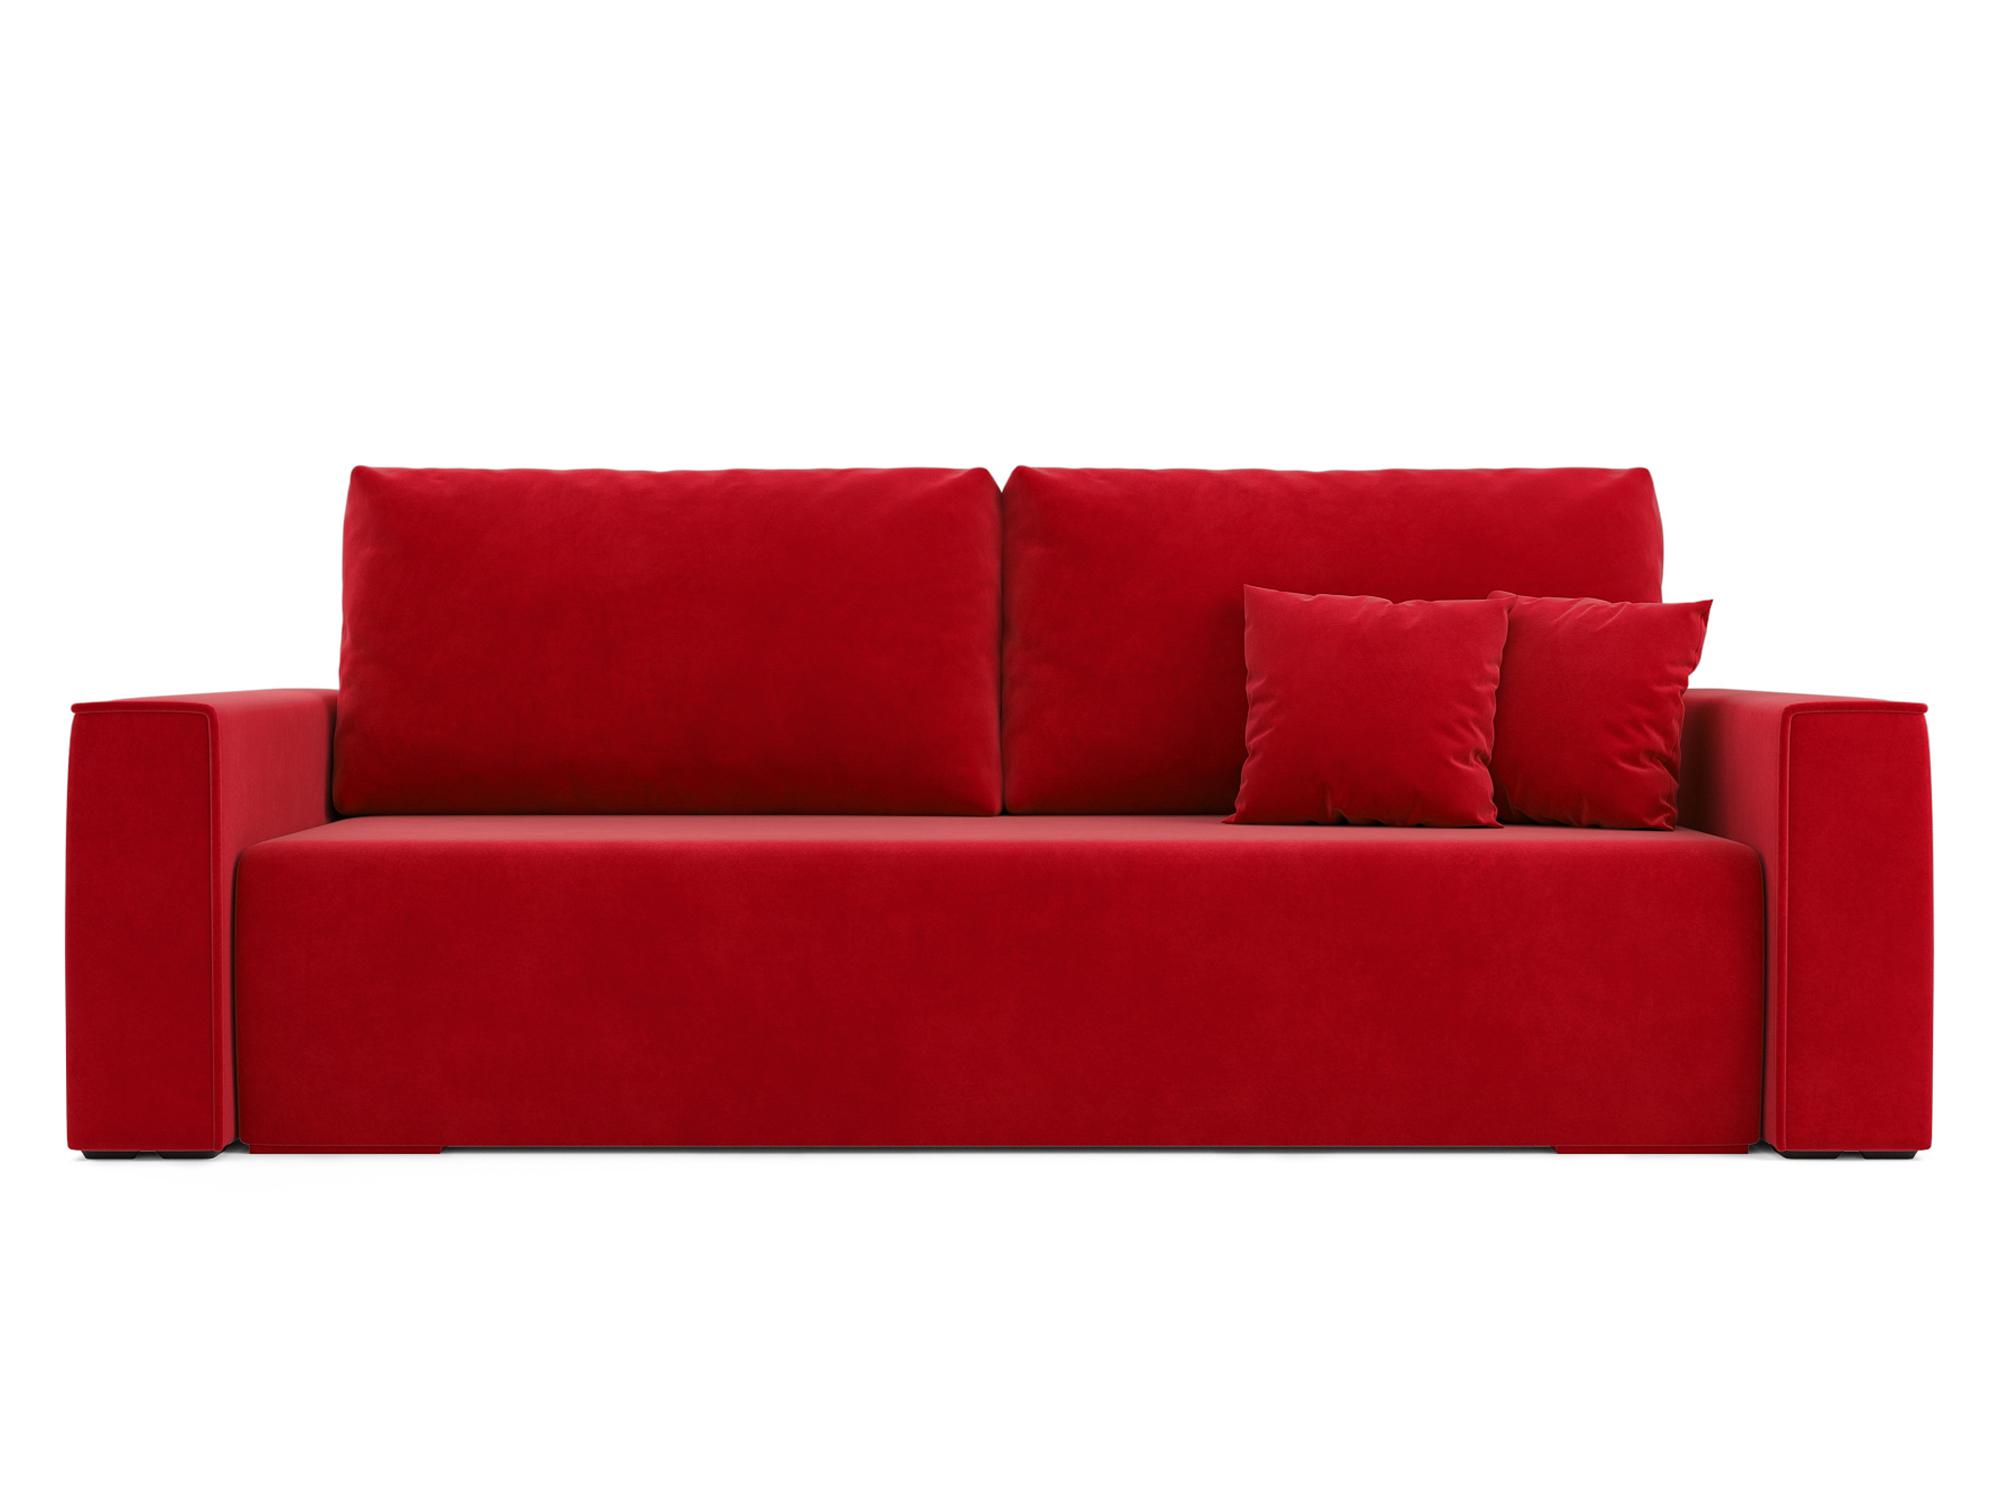 Фото - Диван Манхэттен MebelVia Красный, Микровелюр, Брус сосны диван мальтида mebelvia красный микровелюр брус сосны